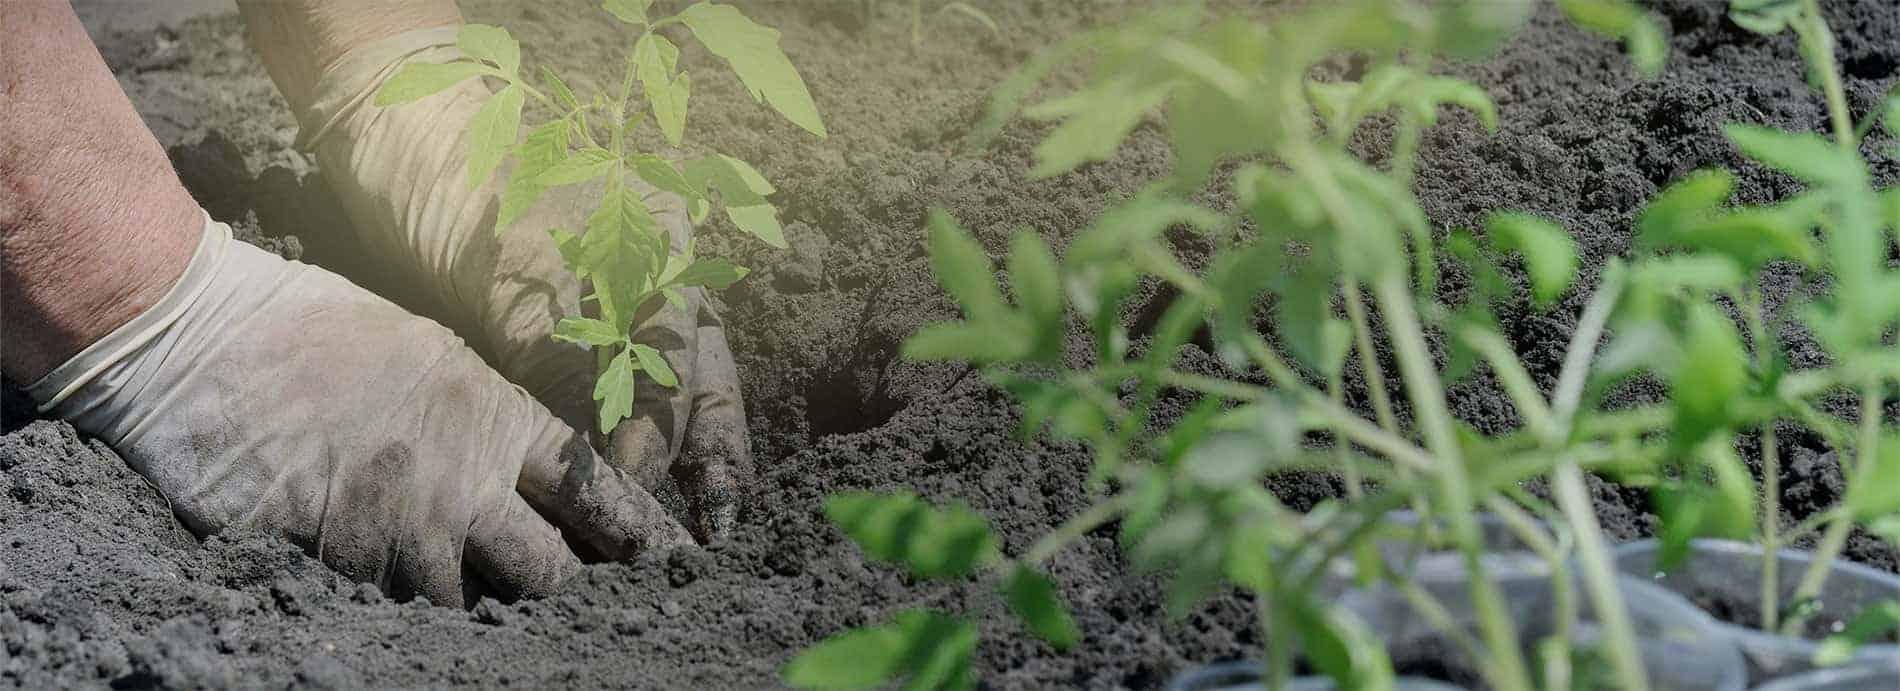 planting-tomato-optimized